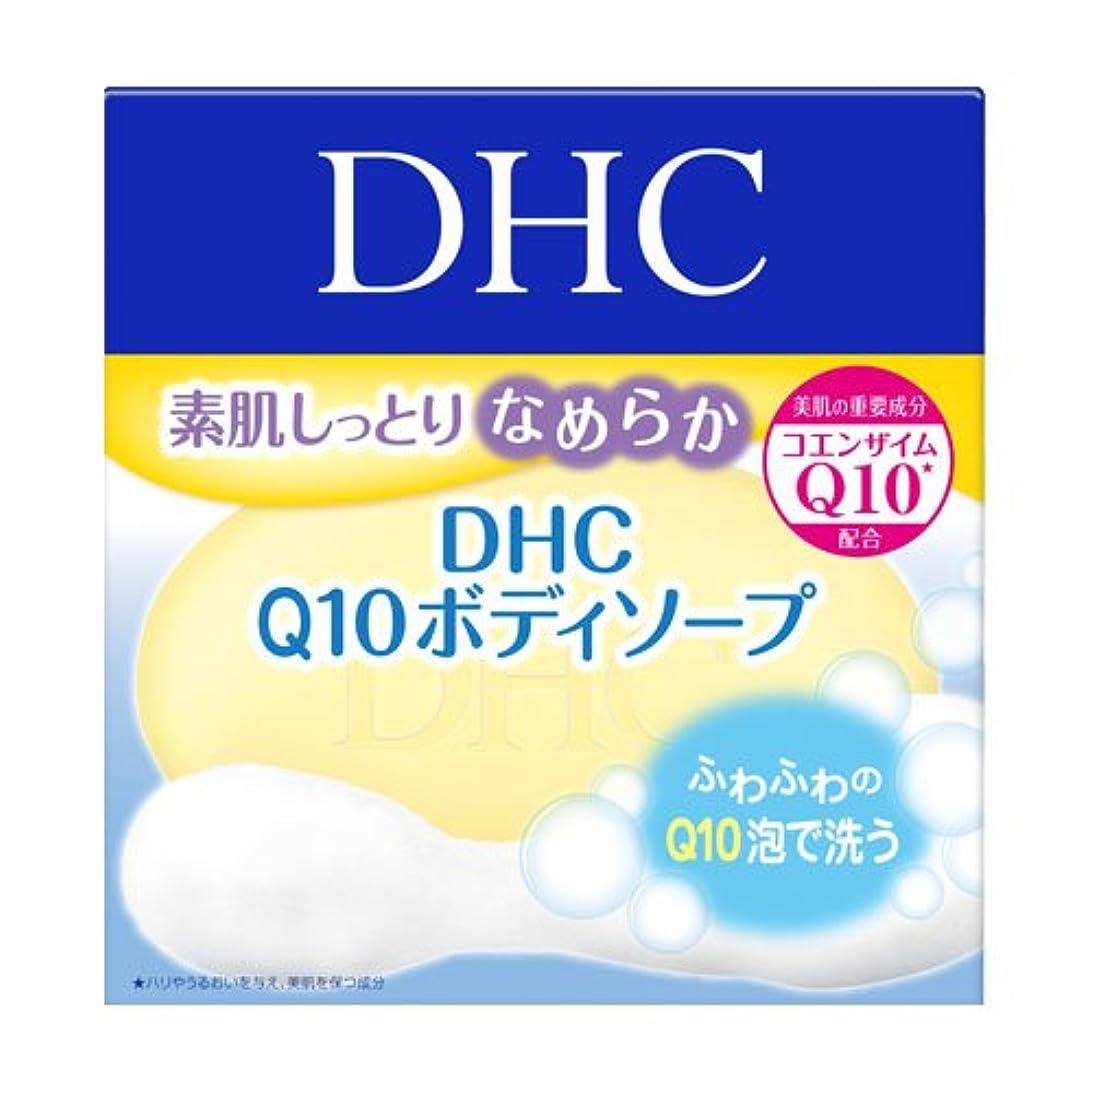 積極的に旅行代理店粉砕するDHC Q10ボディソープ SS 120G